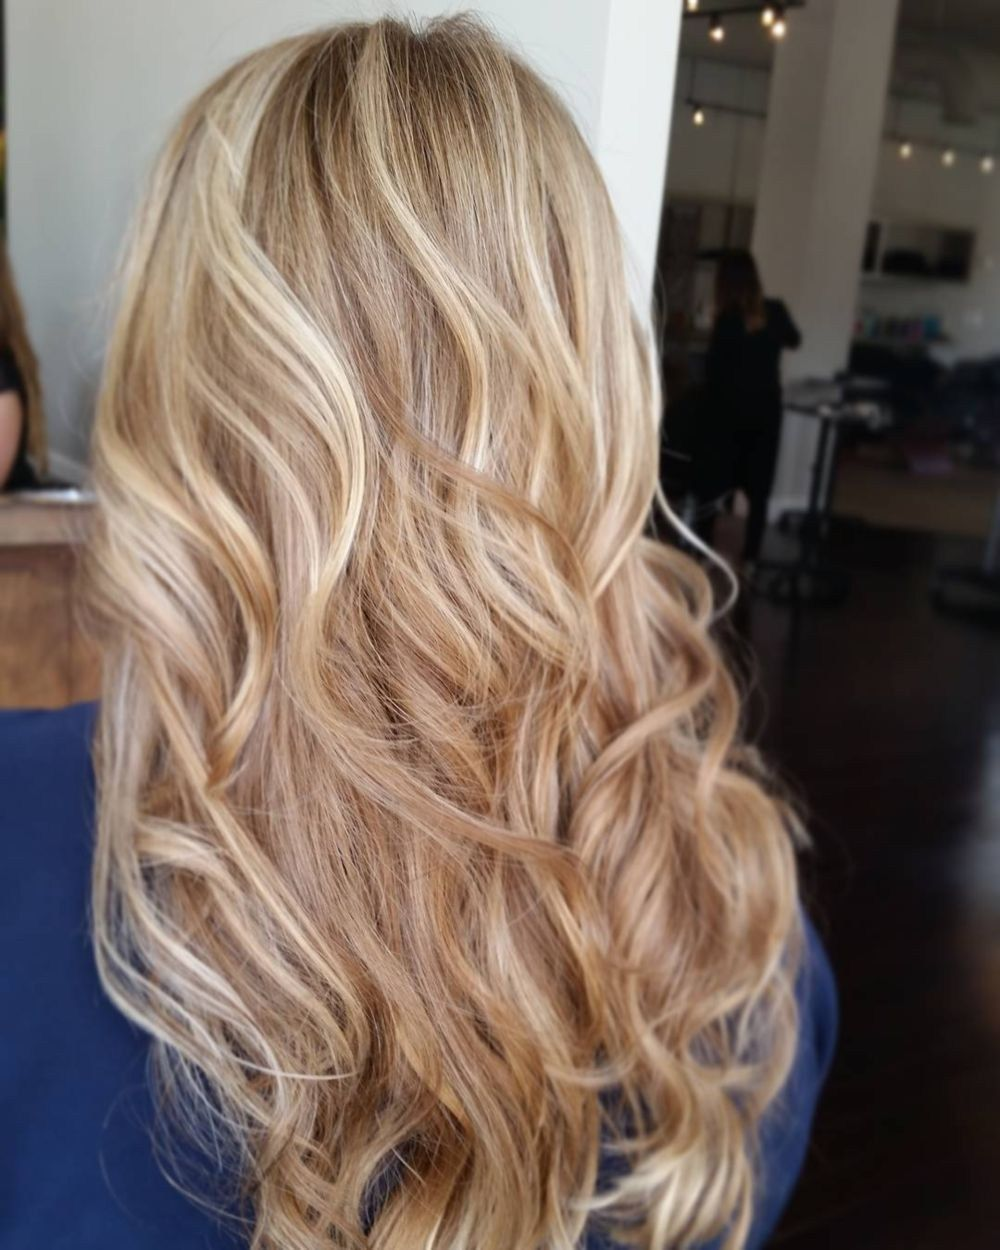 Pretty blonde hair color ideas fashionetter hair pinterest